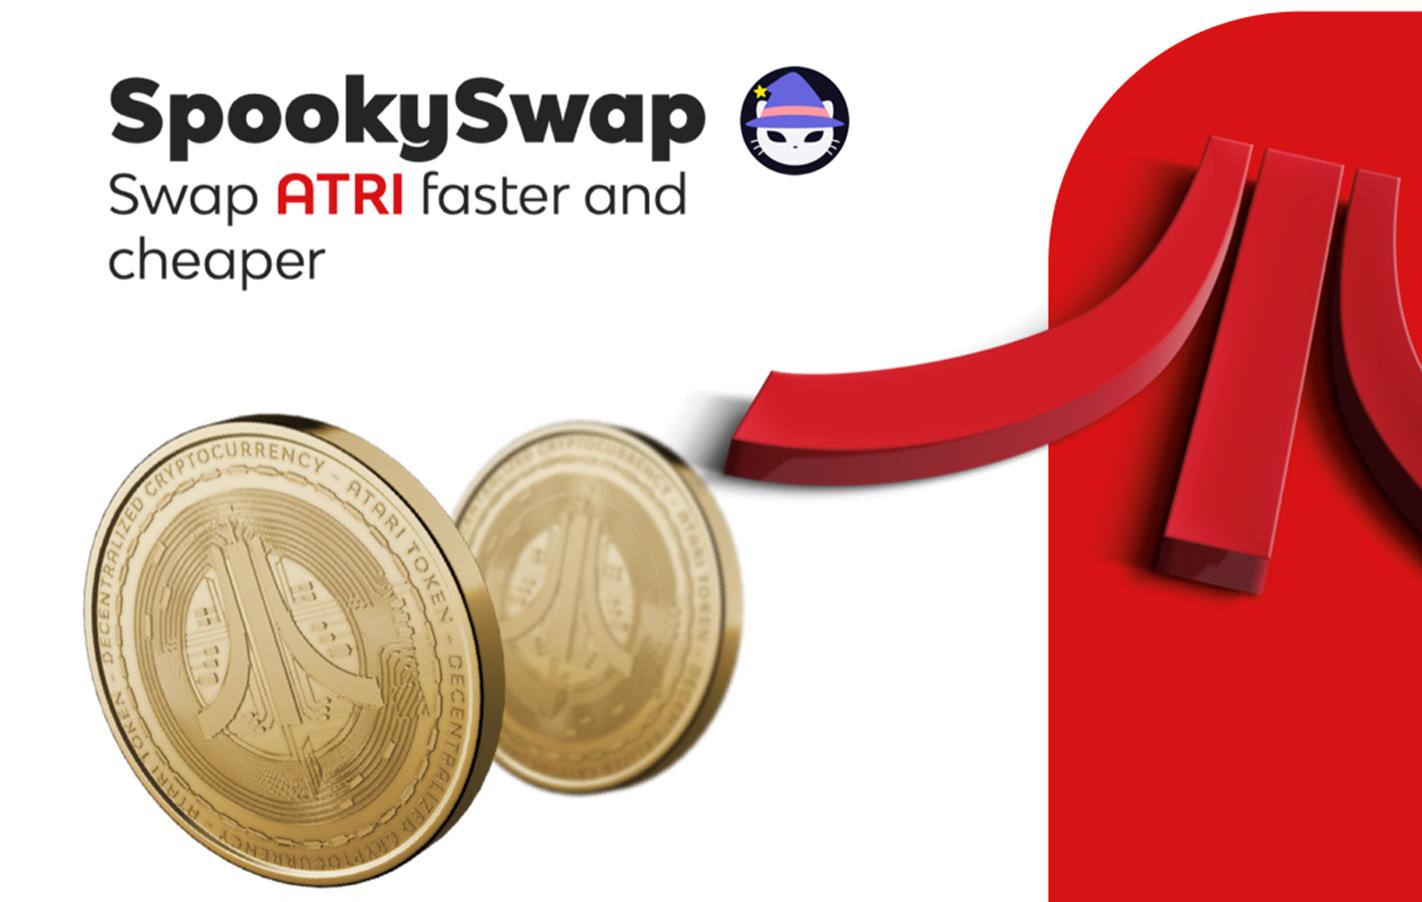 Los entusiastas de los juegos de blockchain ahora pueden intercambiar tokens ATRI más rápido y más barato usando SpookySwap